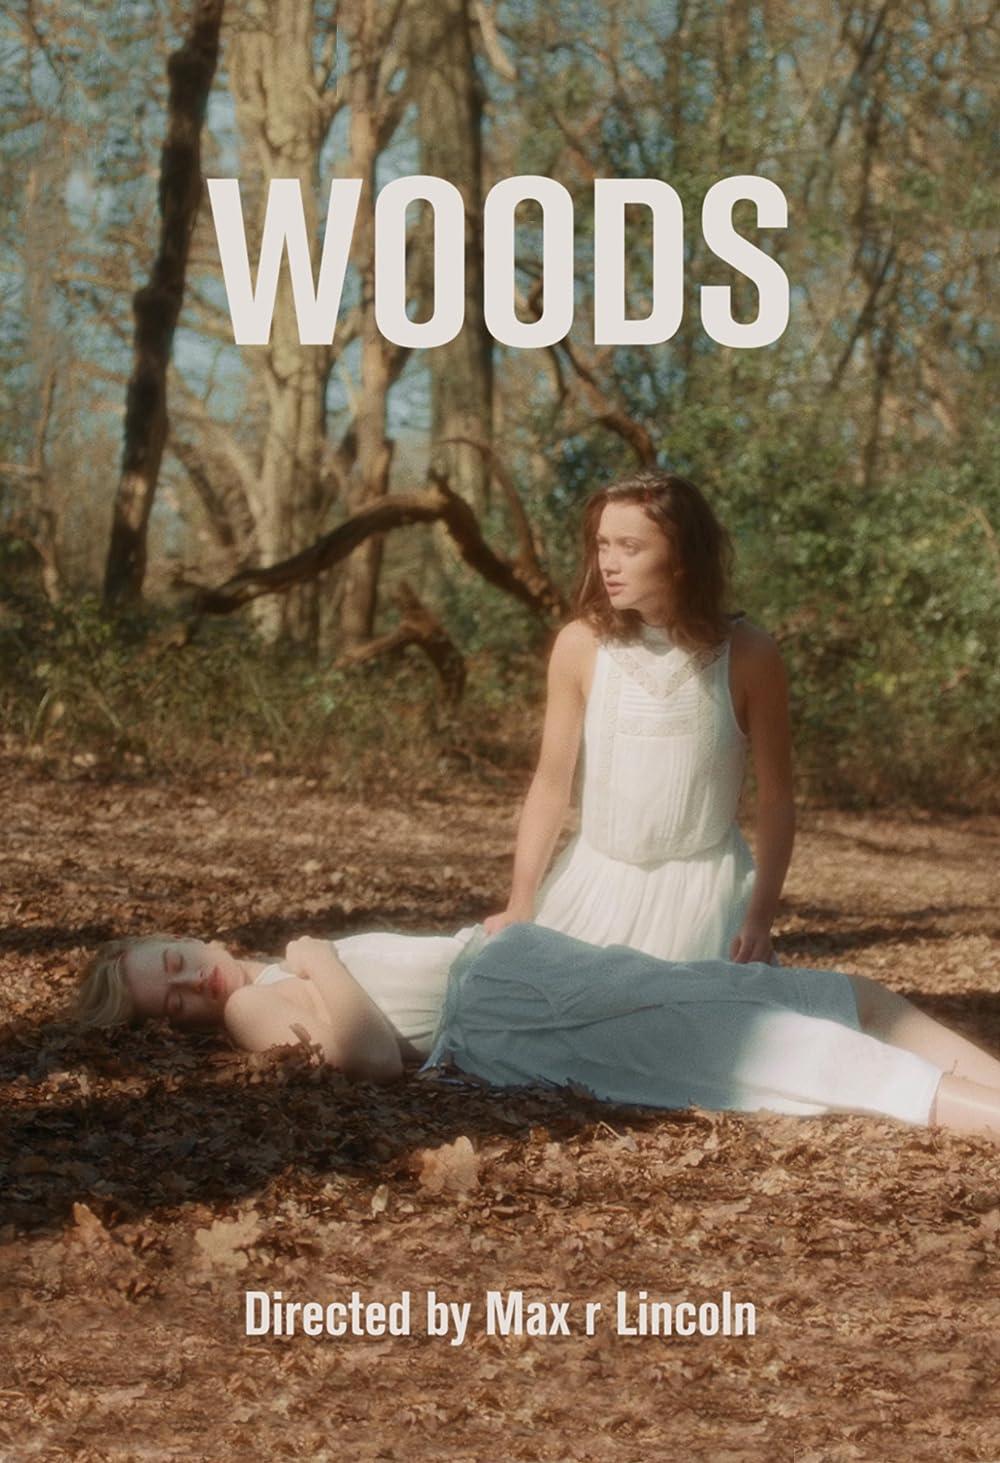 Woods 2016